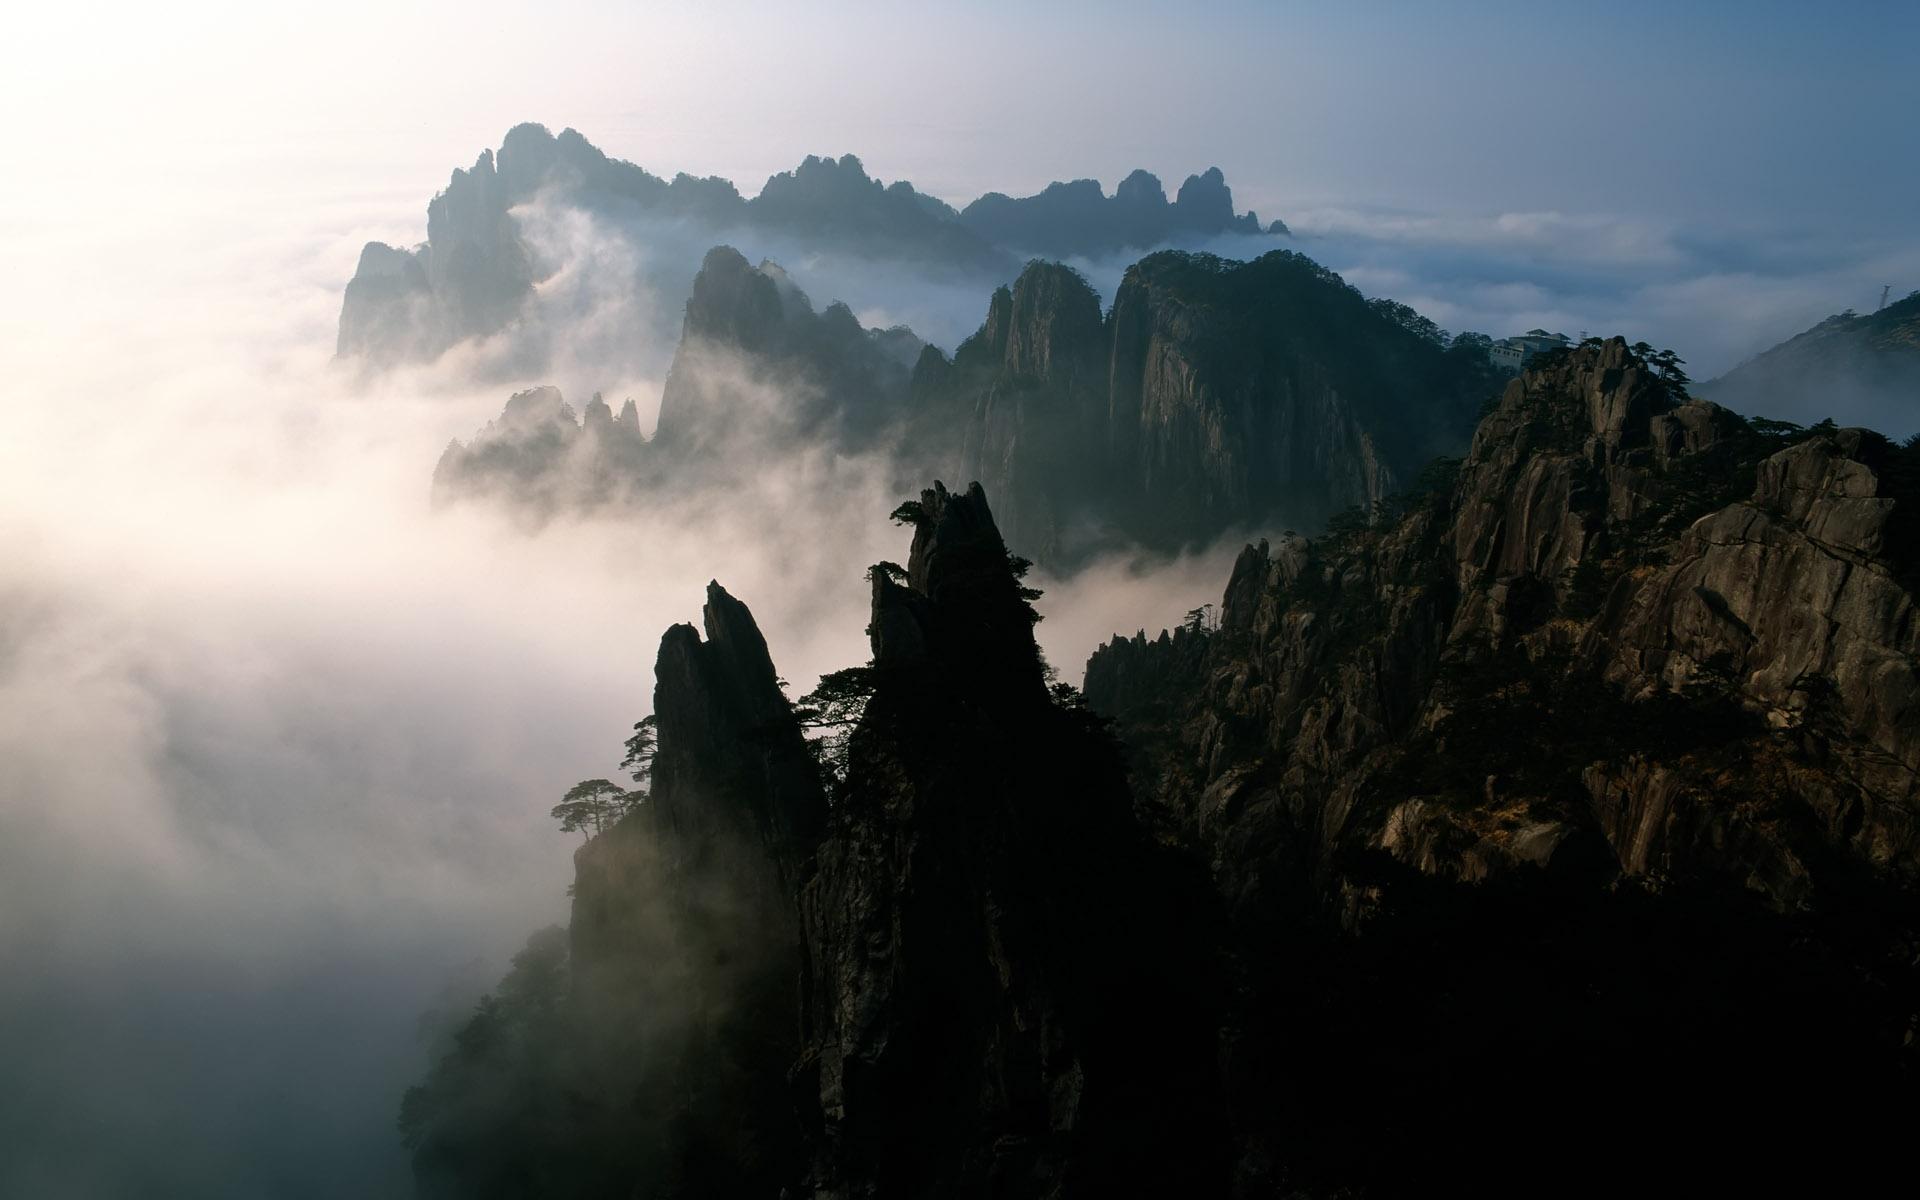 中国 山 霧 夜明け デスクトップの壁紙 19x10 壁紙をダウンロード Ja Hdwall365 Com